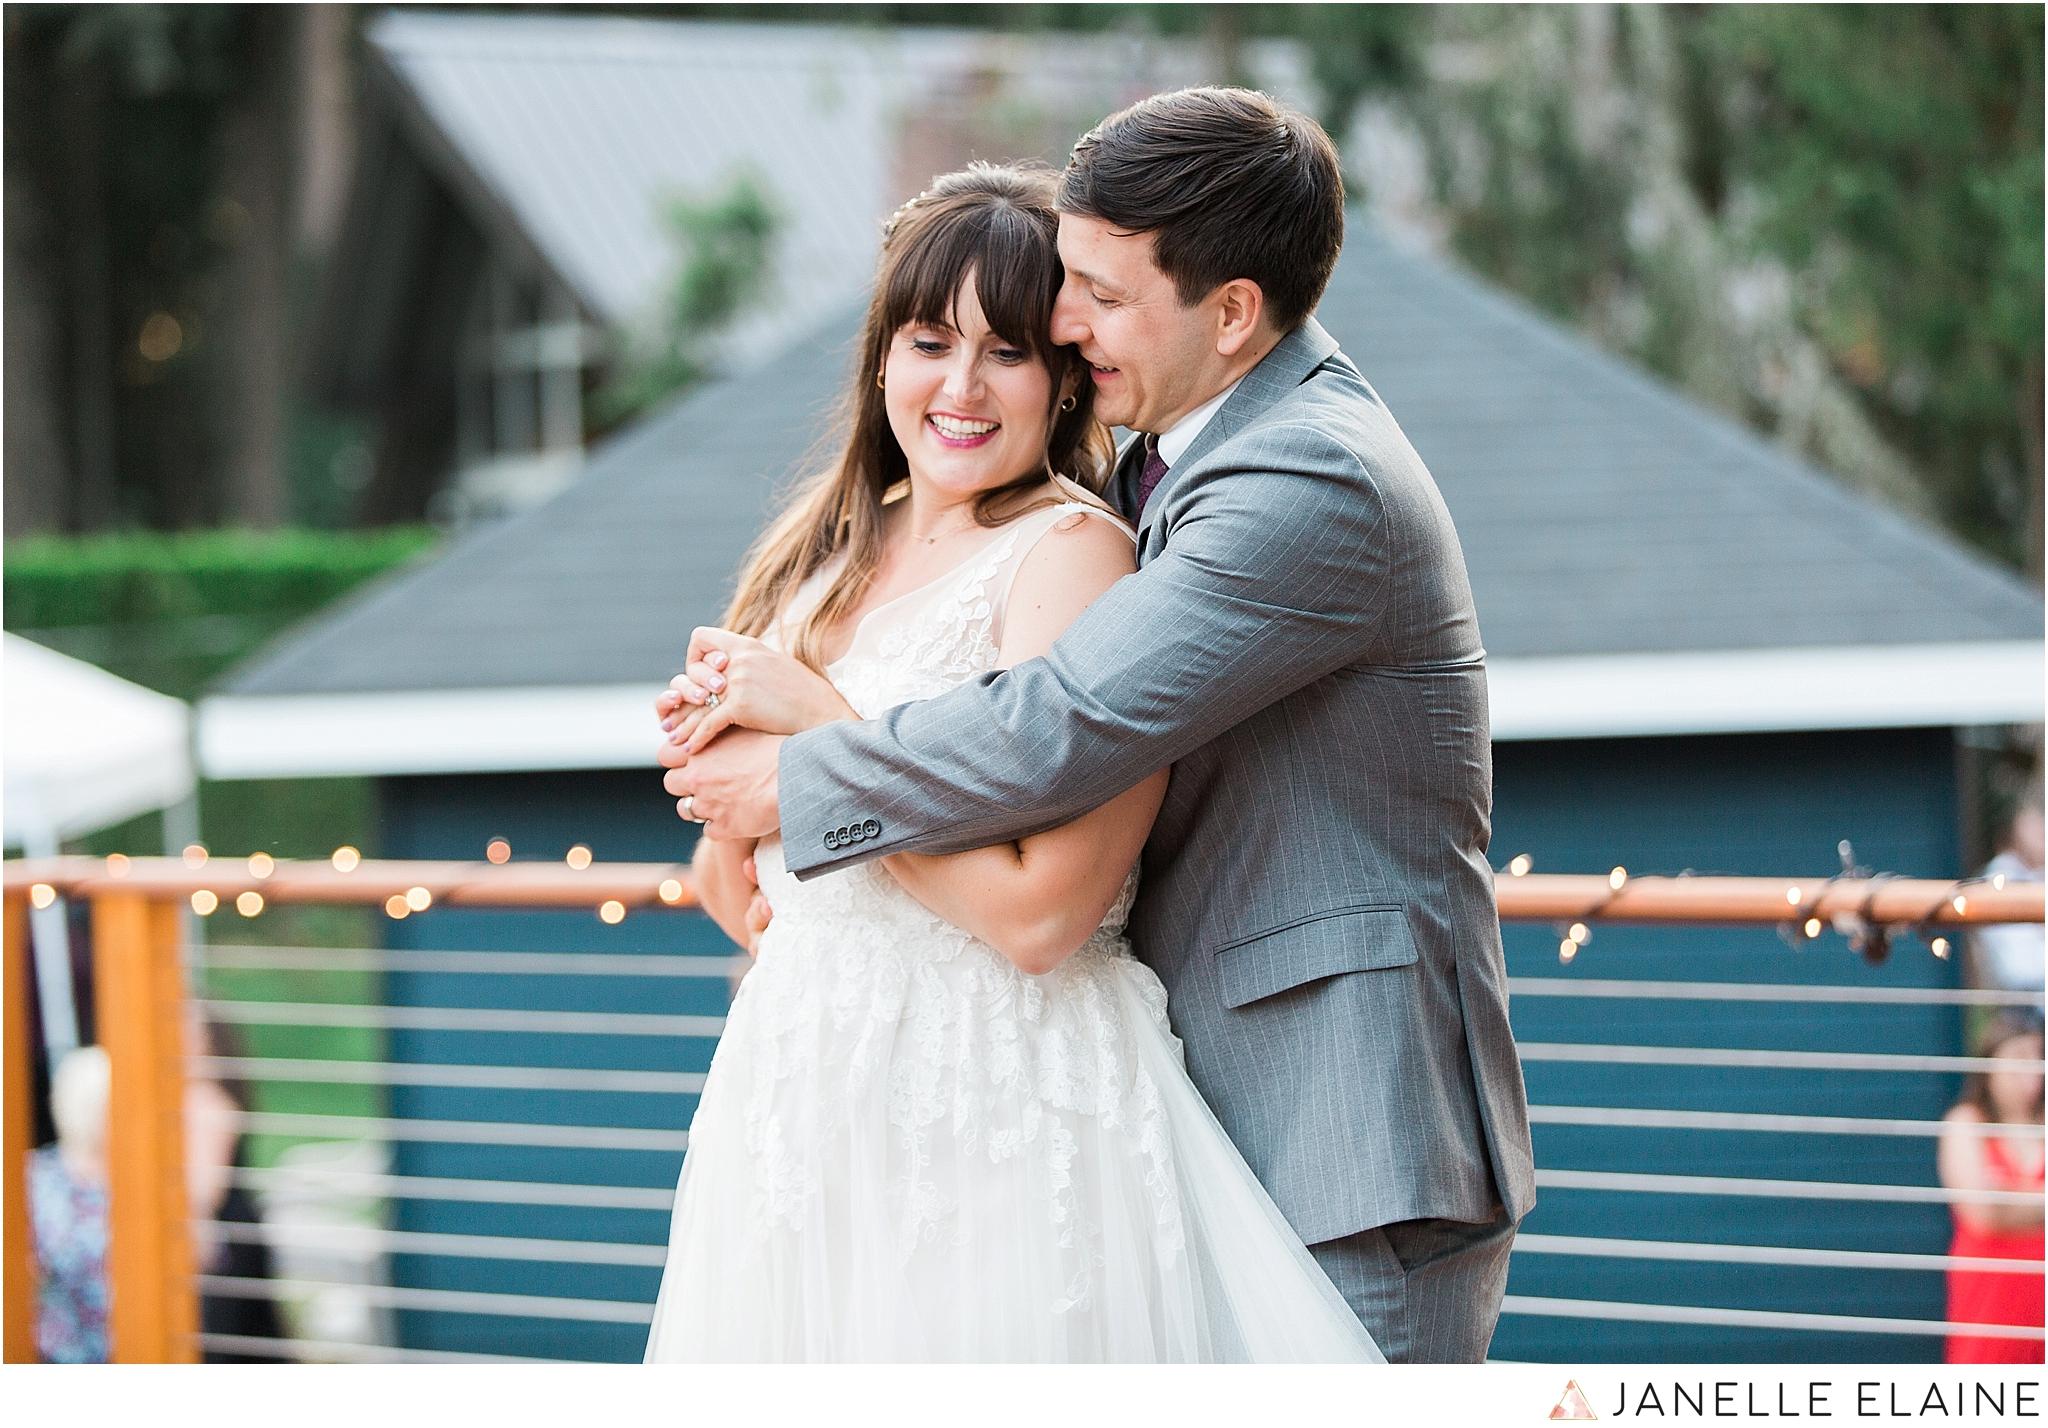 seattle-portrait-engagement-wedding-photographer-janelle-elaine-photography-87.jpg